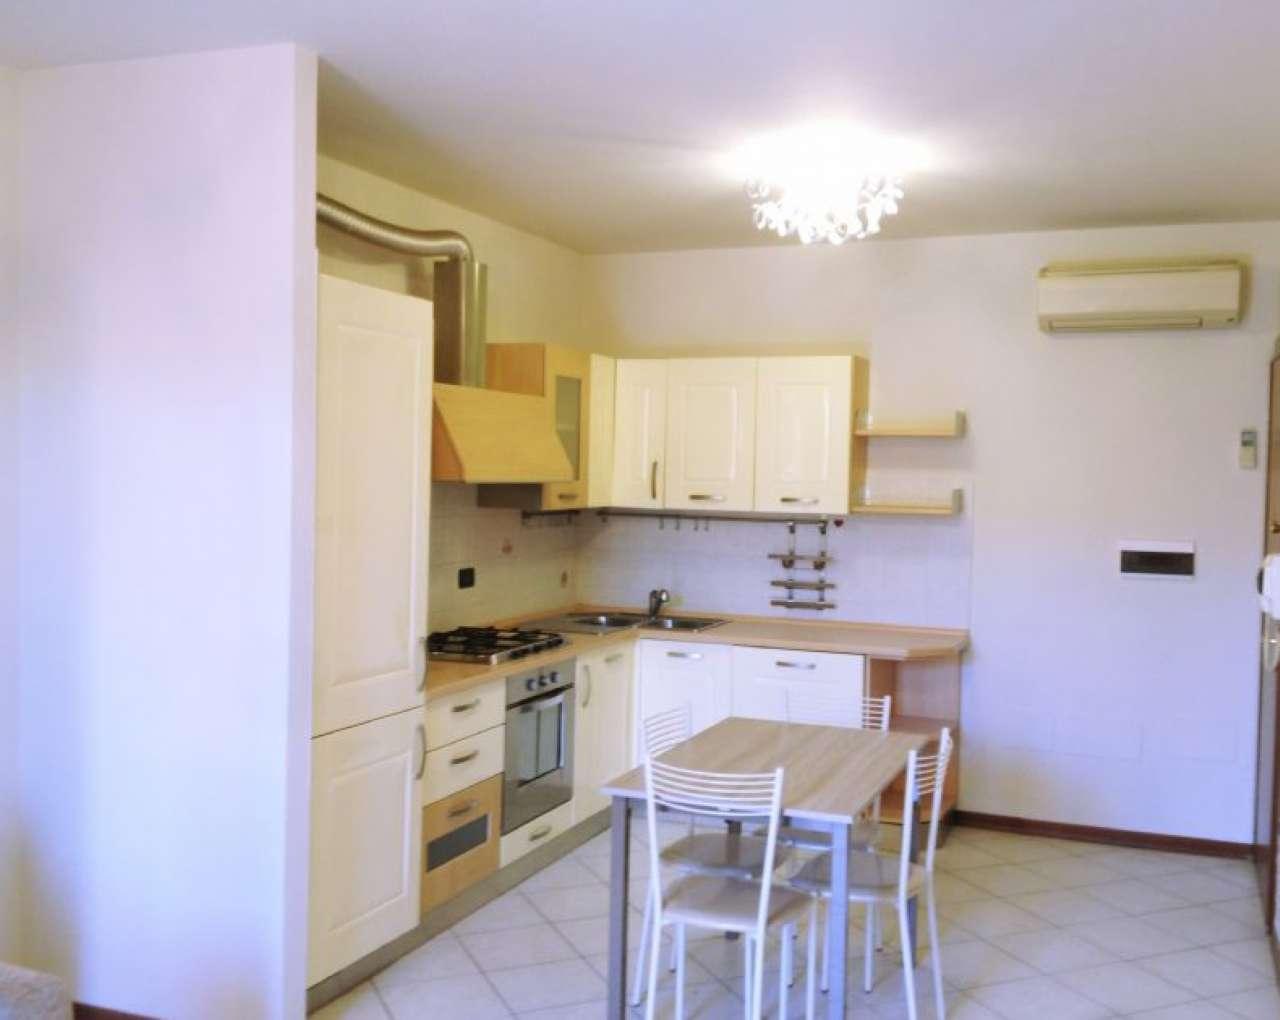 Appartamento in vendita a Carpi, 3 locali, prezzo € 139.000 | CambioCasa.it